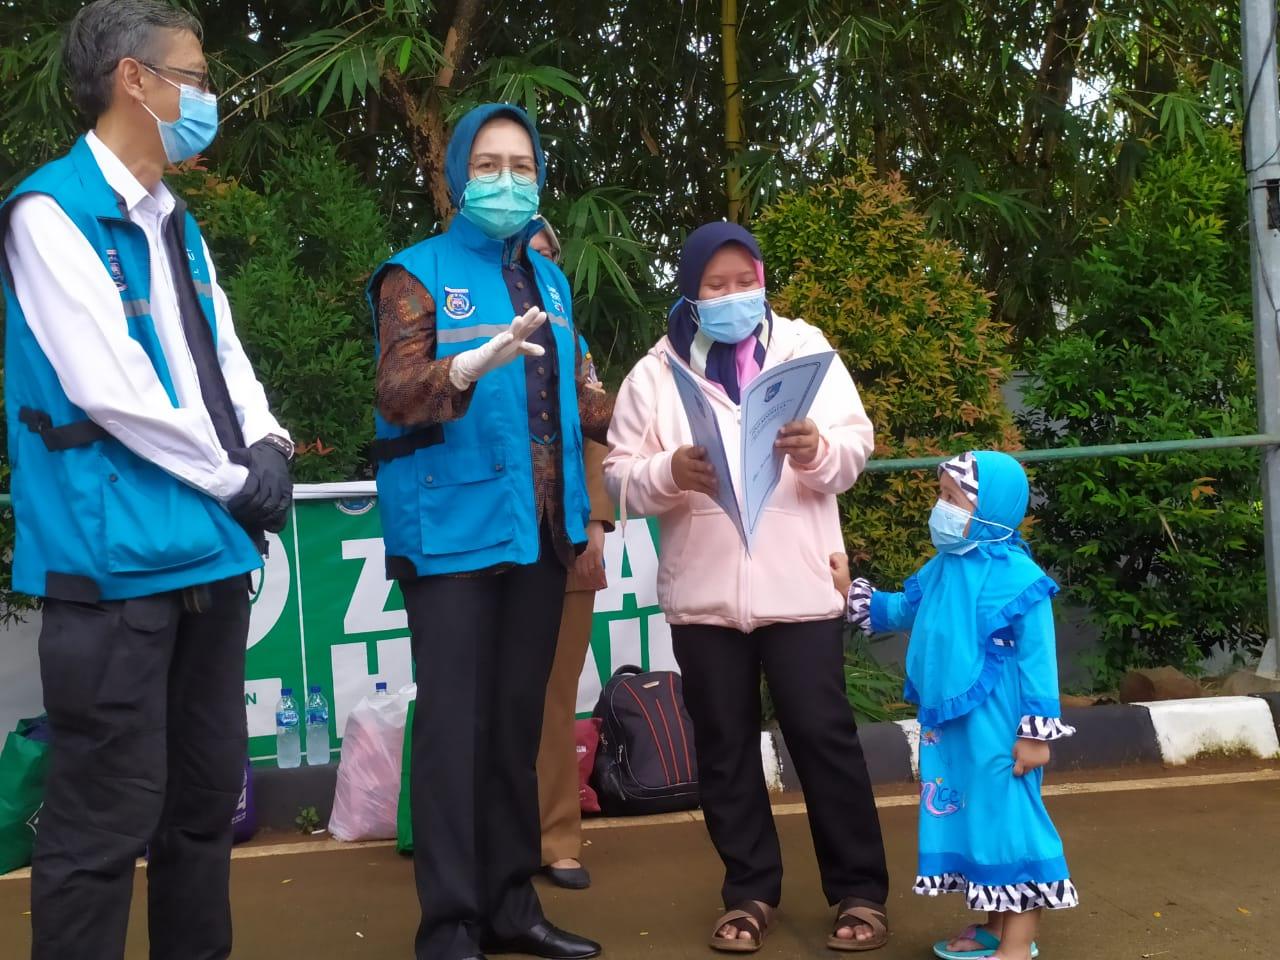 Wali Kota Airin Rachmi Diany dan Koordinator Rumah Lawan COVID-19 saat menunjukan surat pasien yang dinyatakan sembuh, Tangerang Selatan, Selasa (22/9/2020).